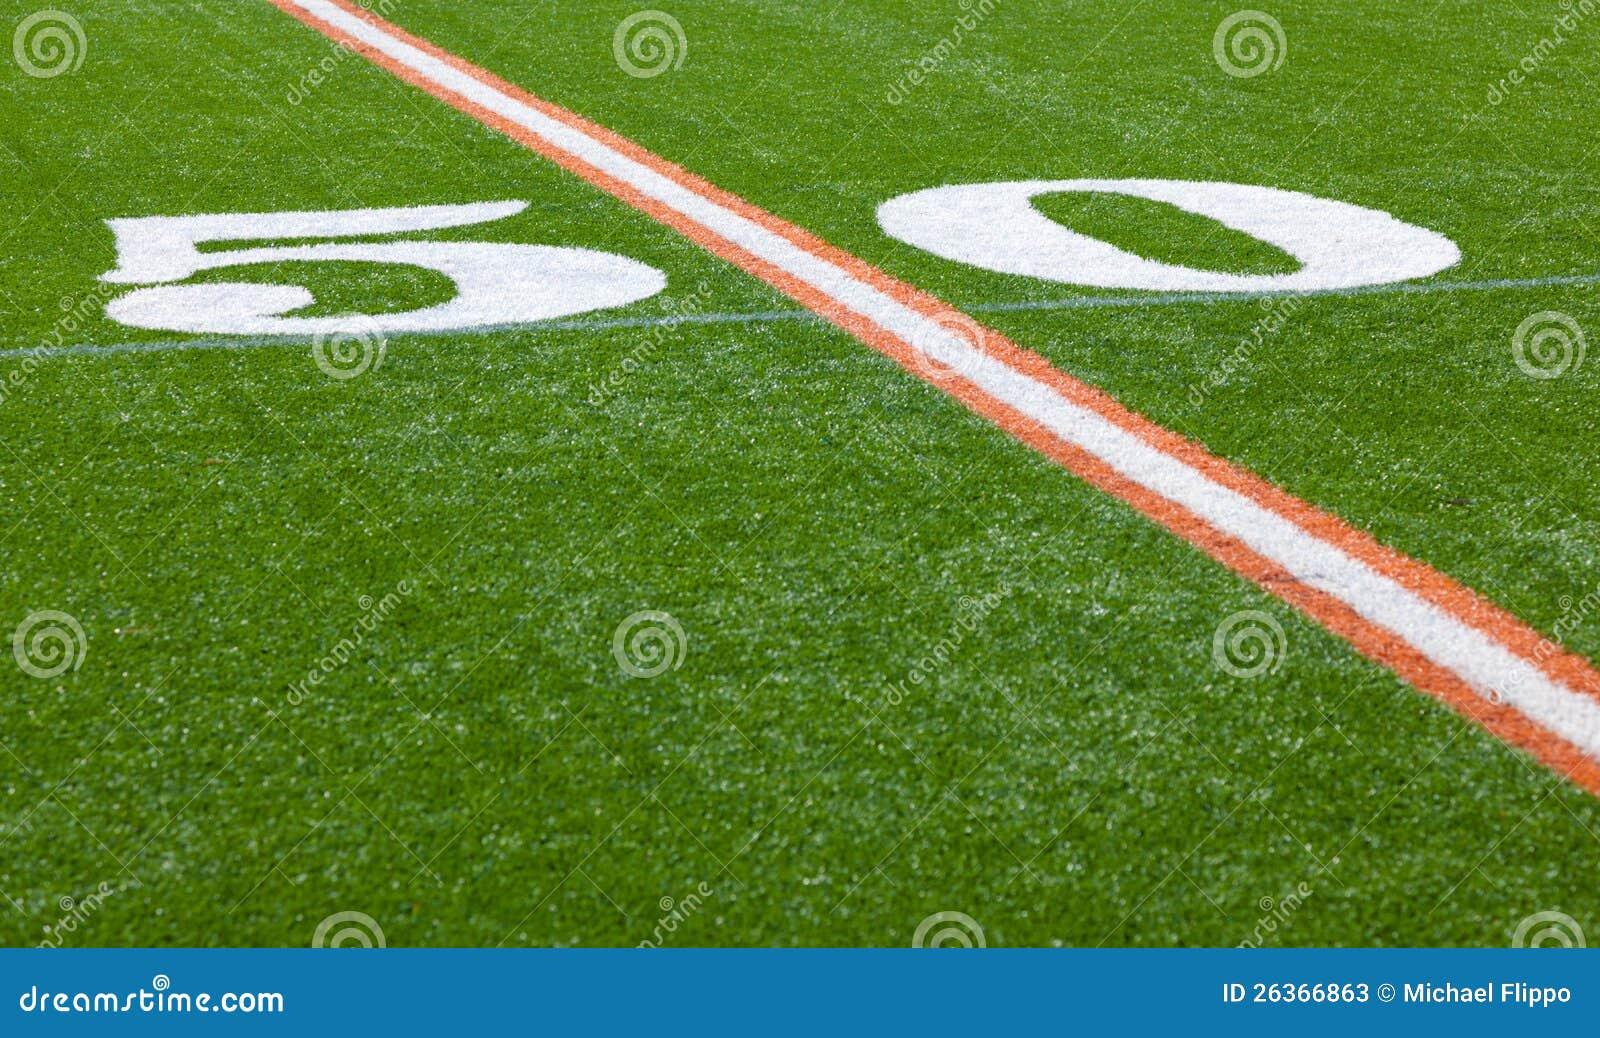 Amerikanischer Fußballplatz - Yard-Line 50